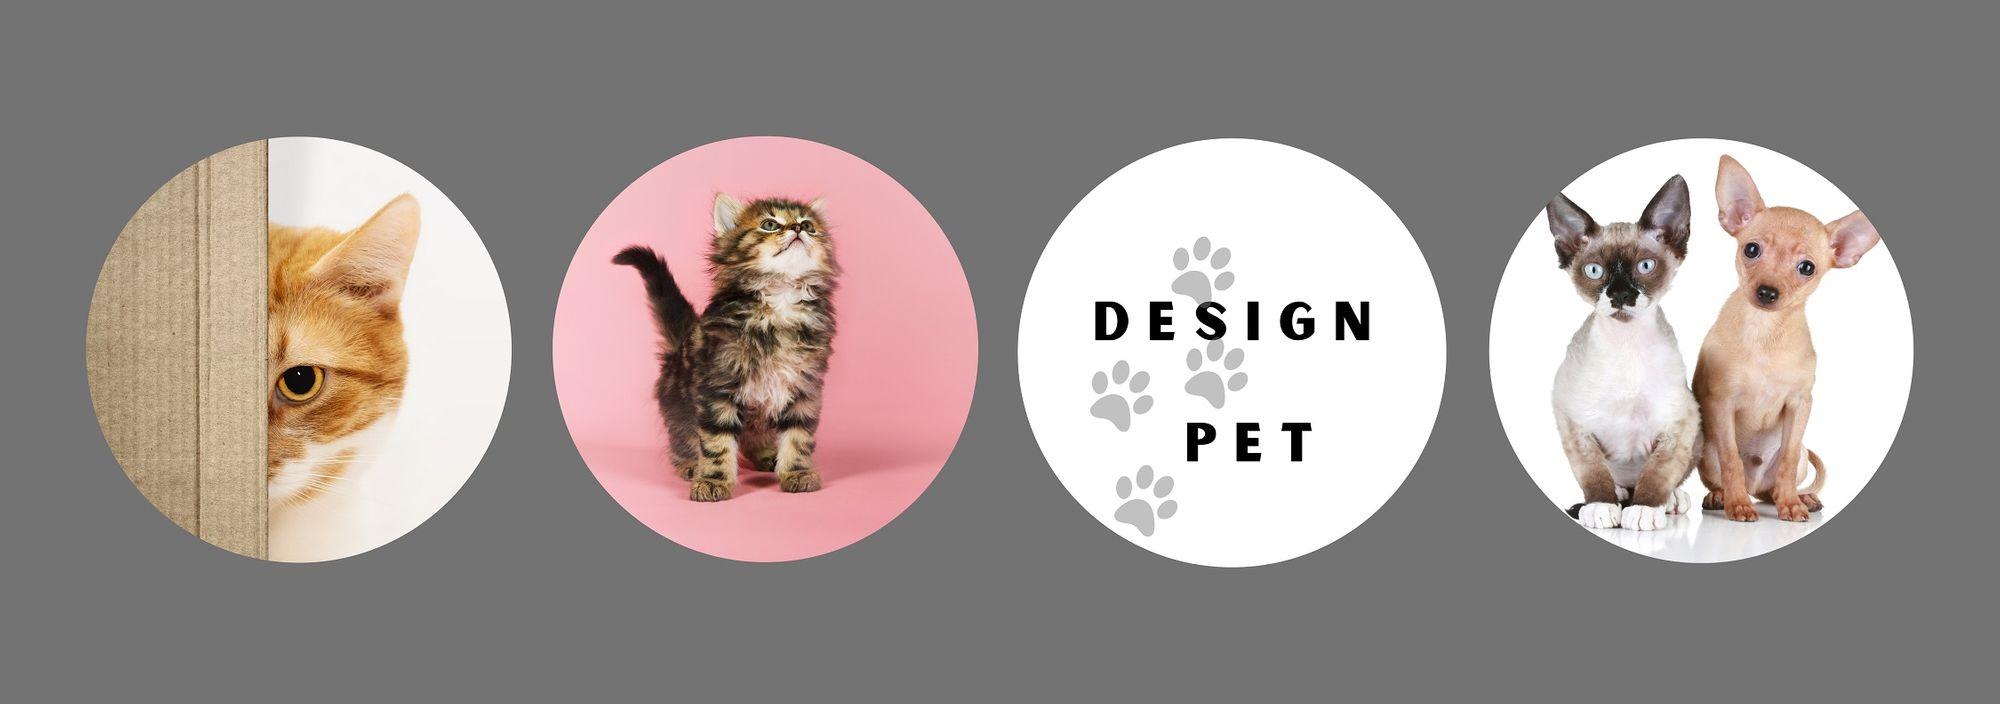 Design Pet